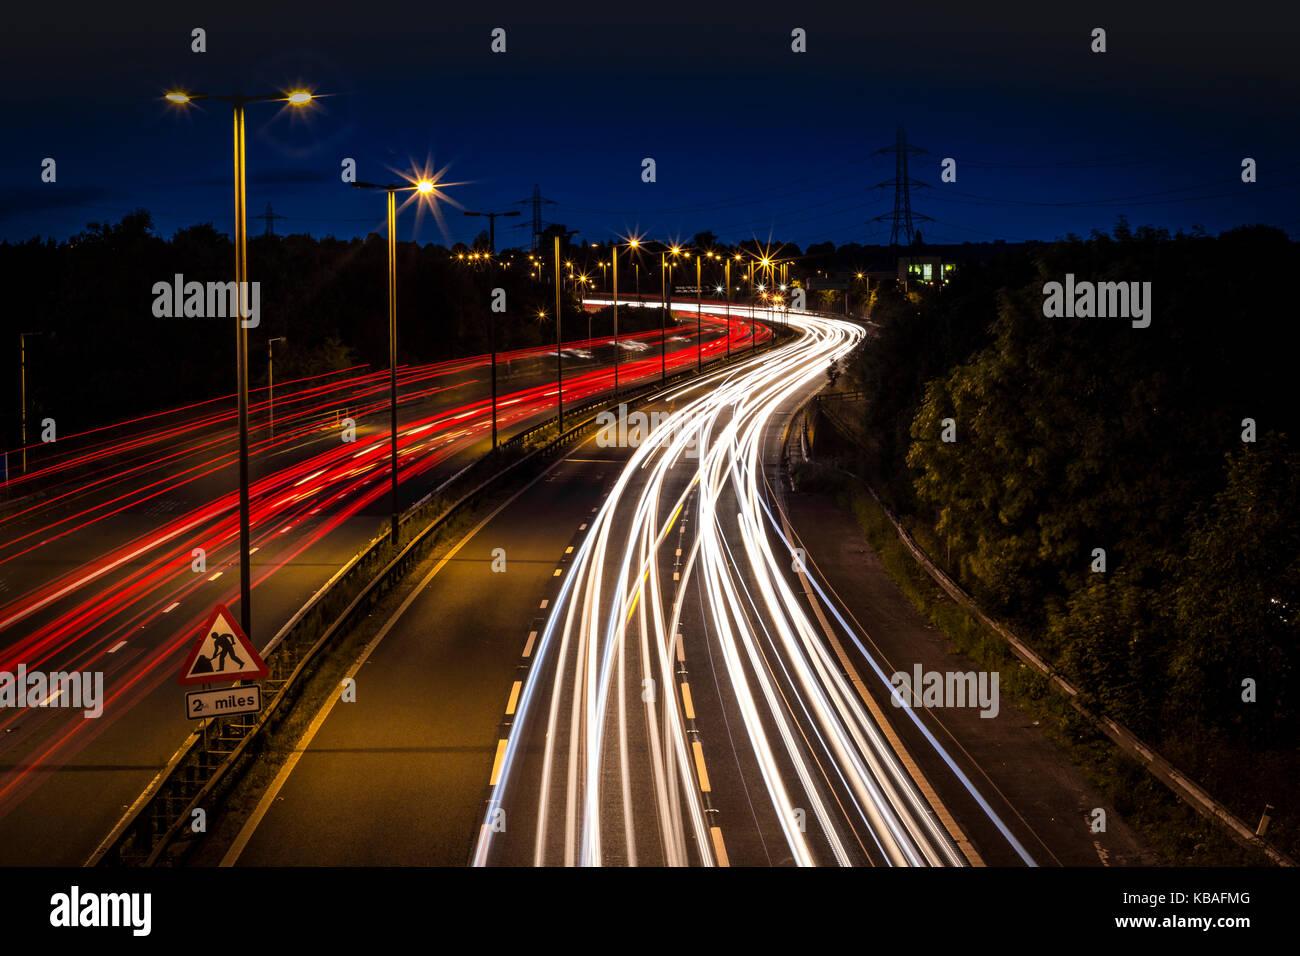 Pris en fin de soirée sur pont de l'autoroute. flou de phares et feux arrière Photo Stock